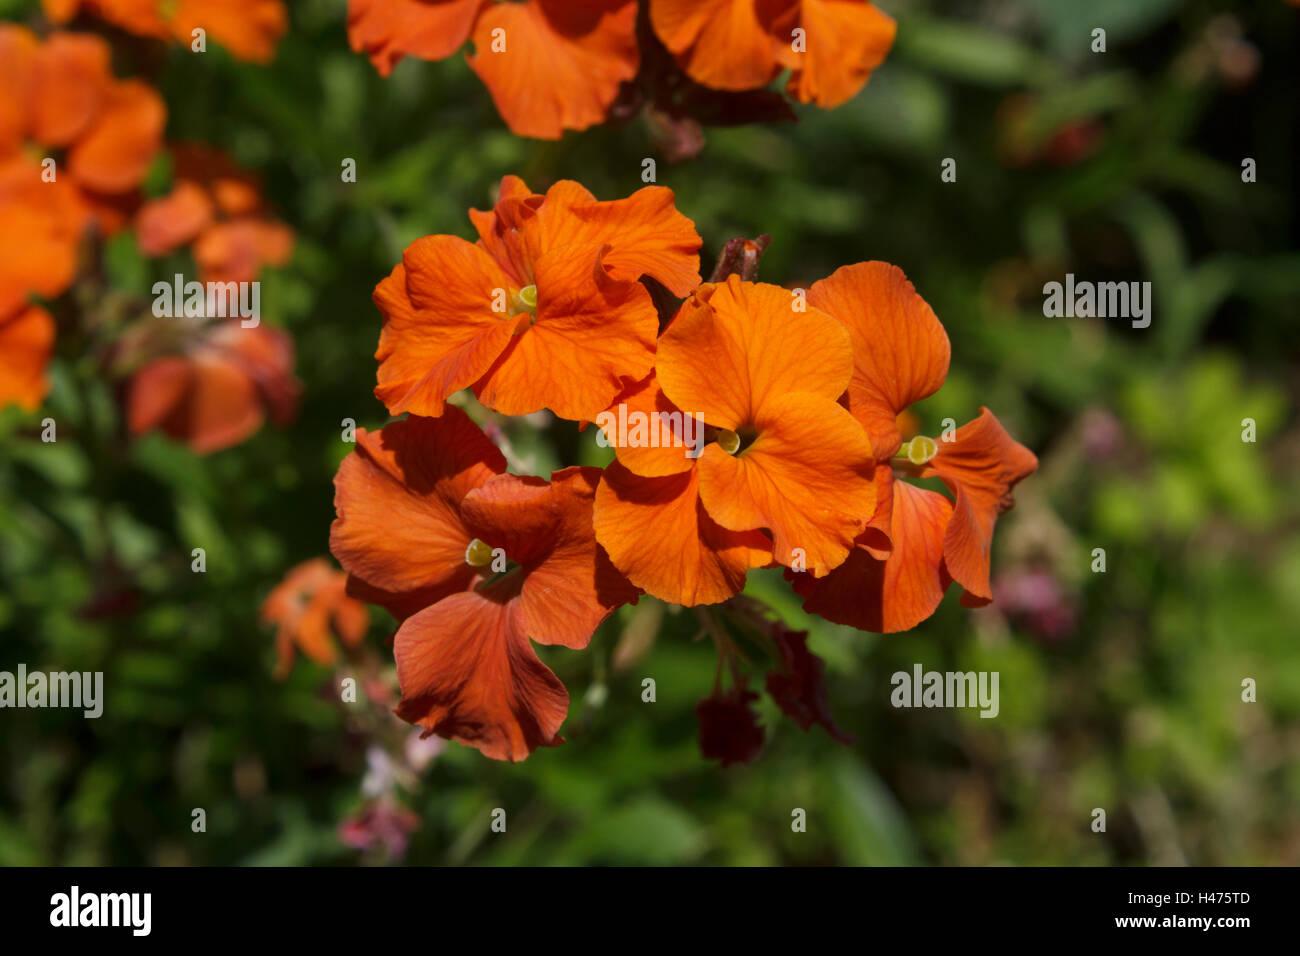 Erysimum - Apricot Twist, Wall flower - Stock Image